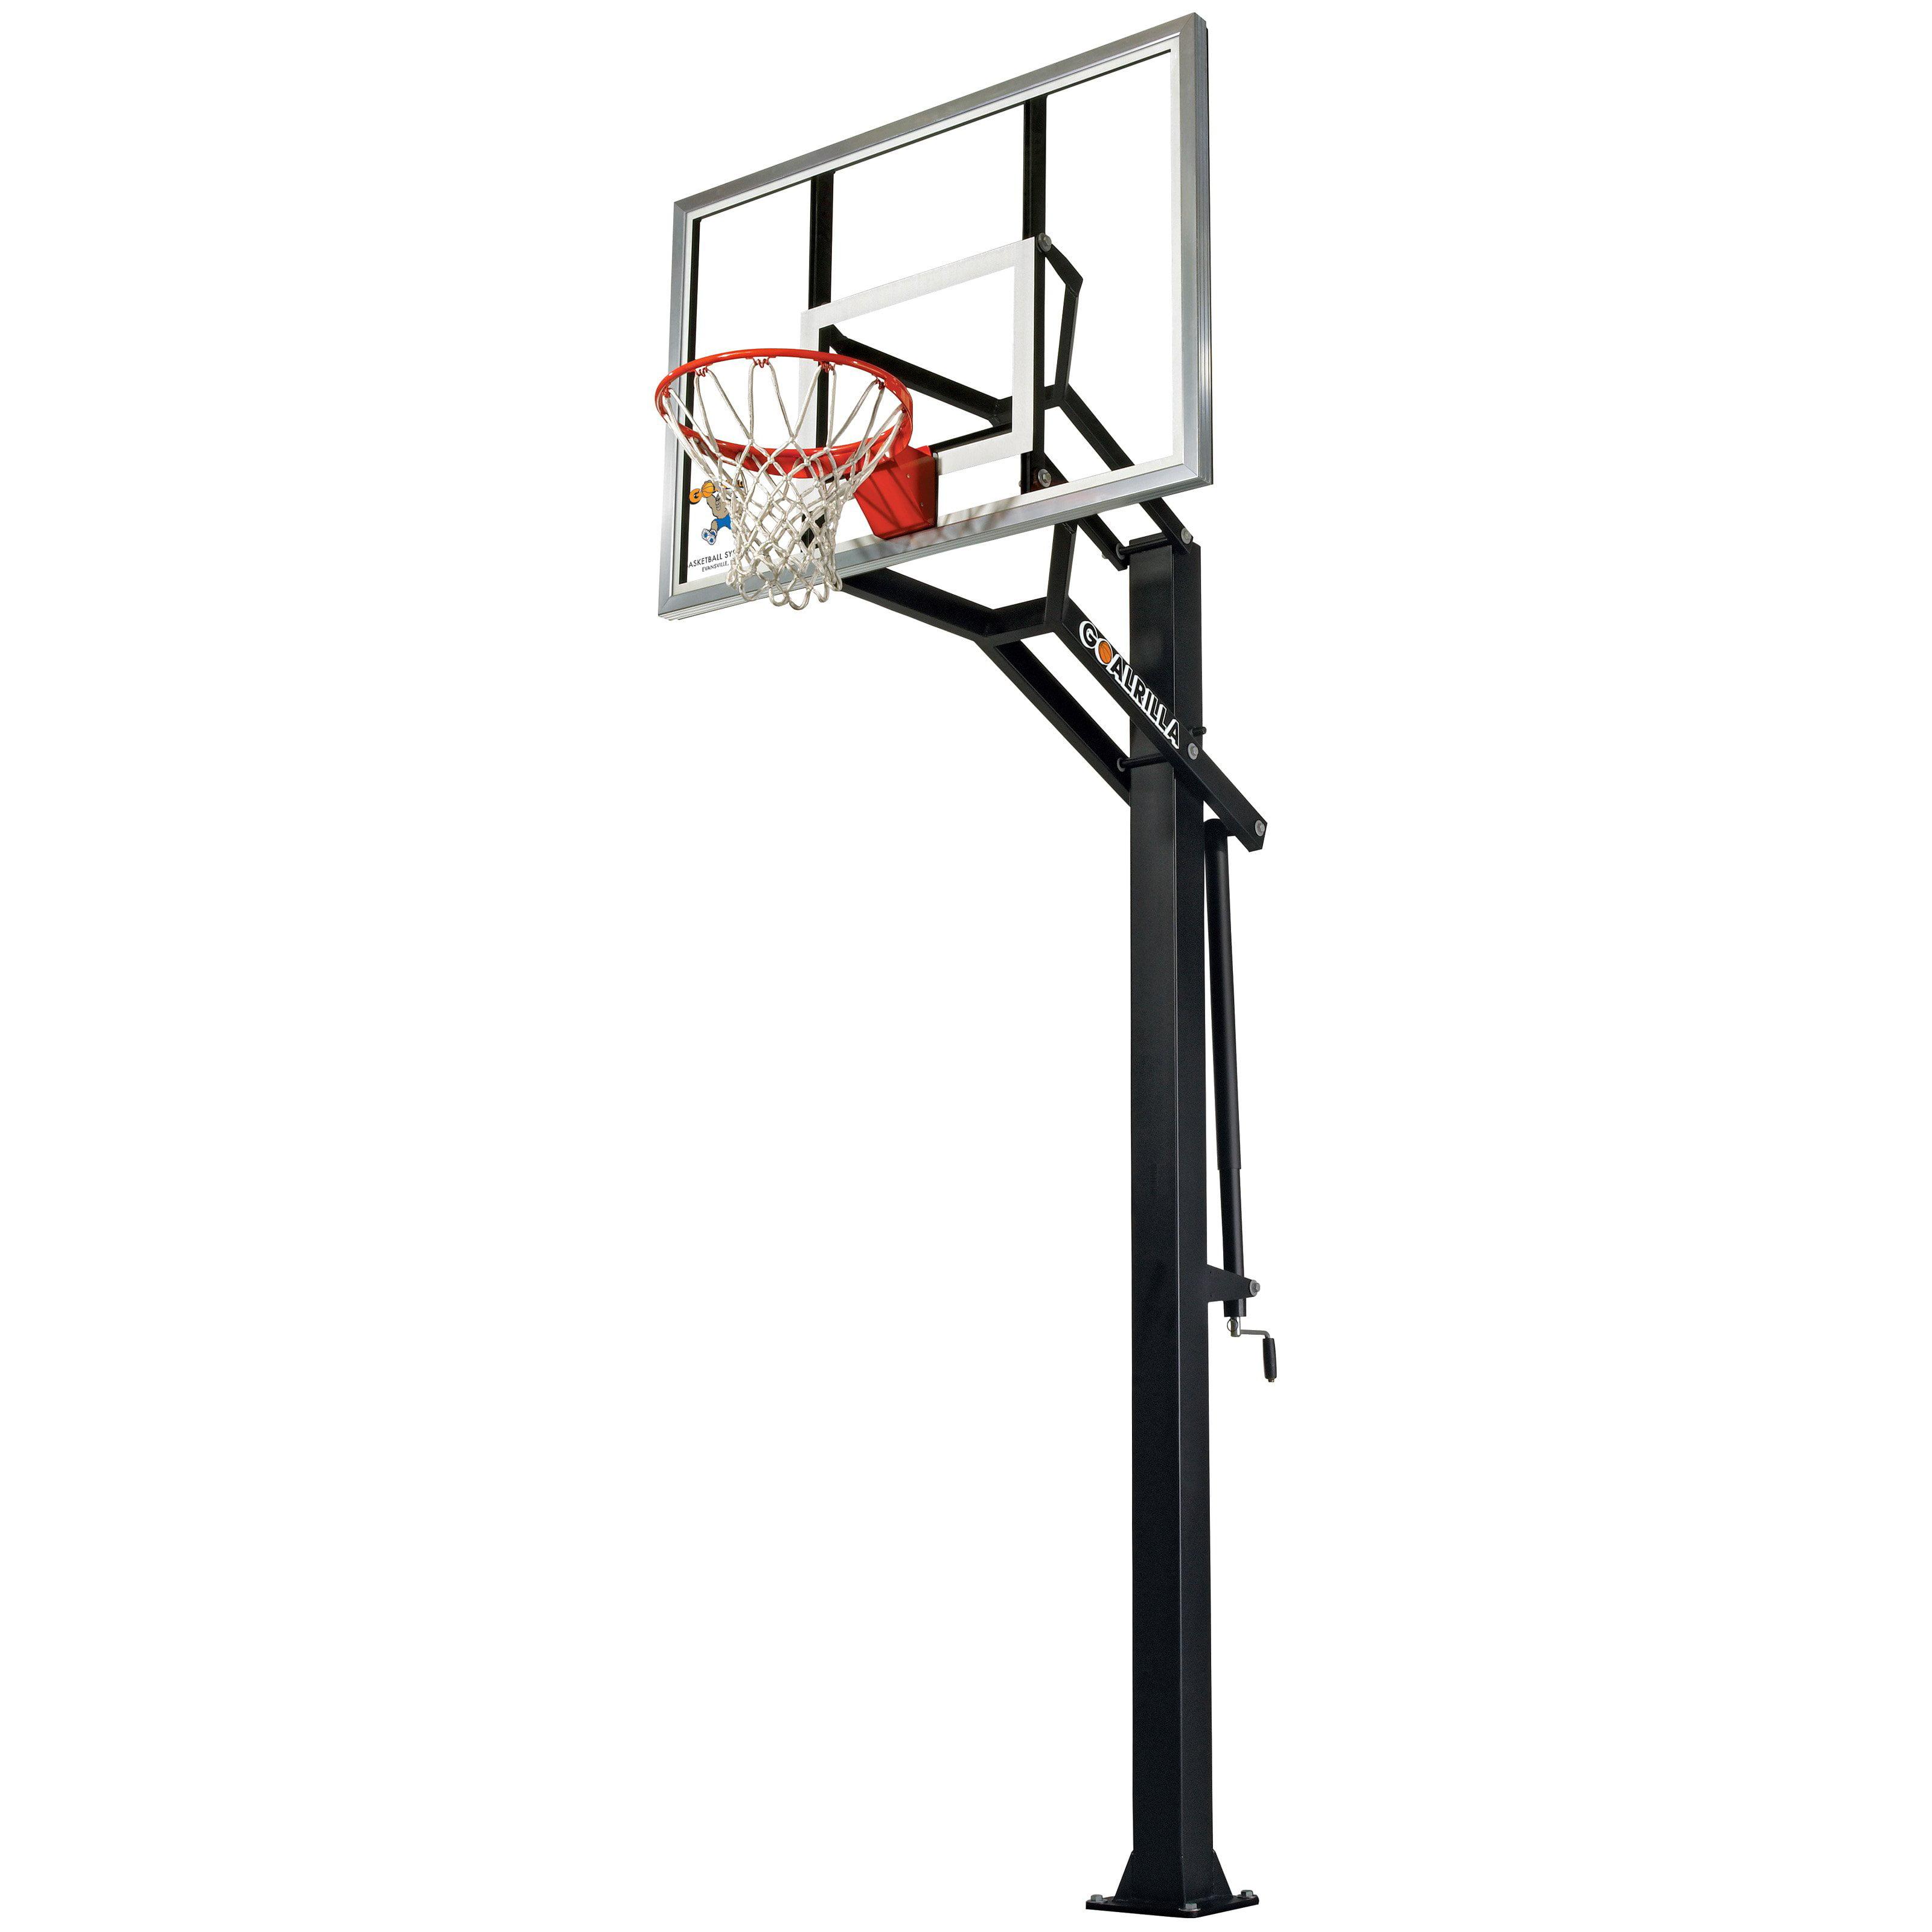 Escalade Sports Goalrilla Gs - iii Anchor Bolt Basketball System